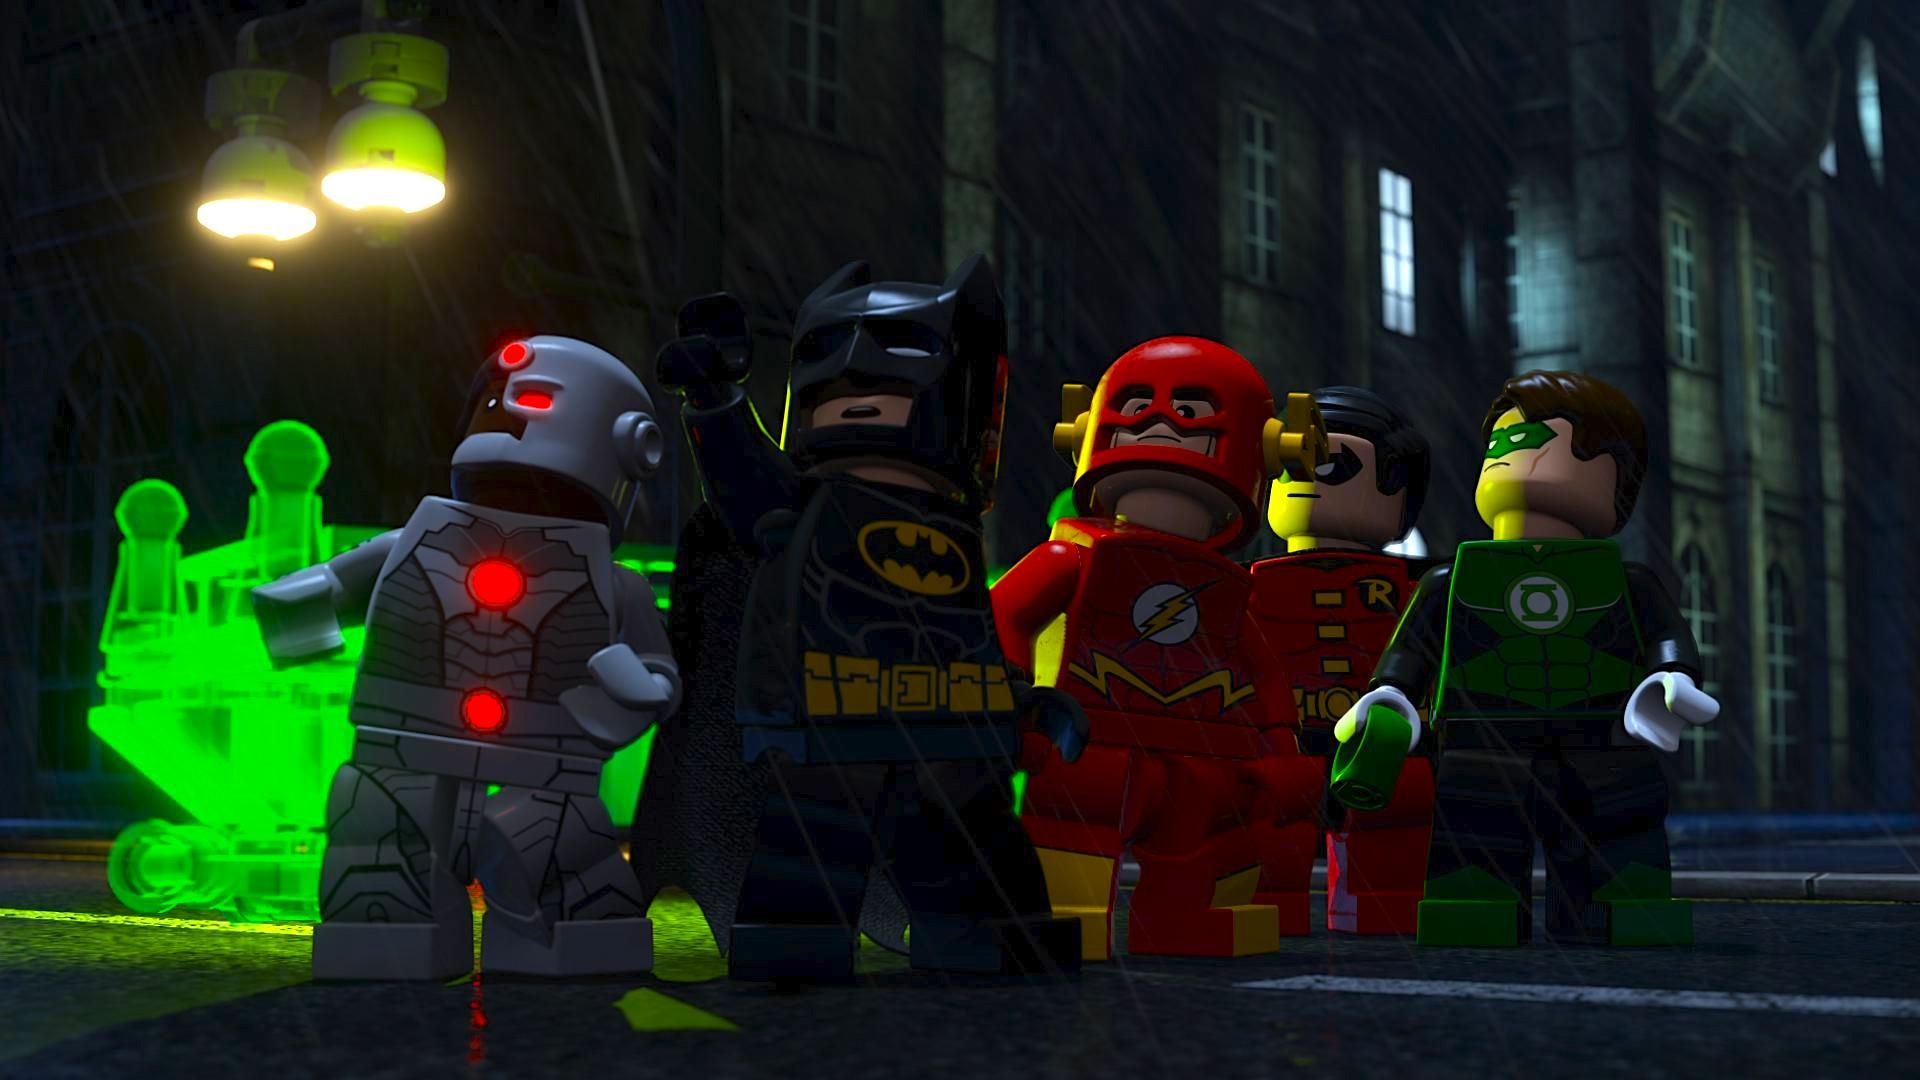 Prepare-se para uma divertida aventura da Liga da Justiça em LEGO! (Foto: DC Comics)